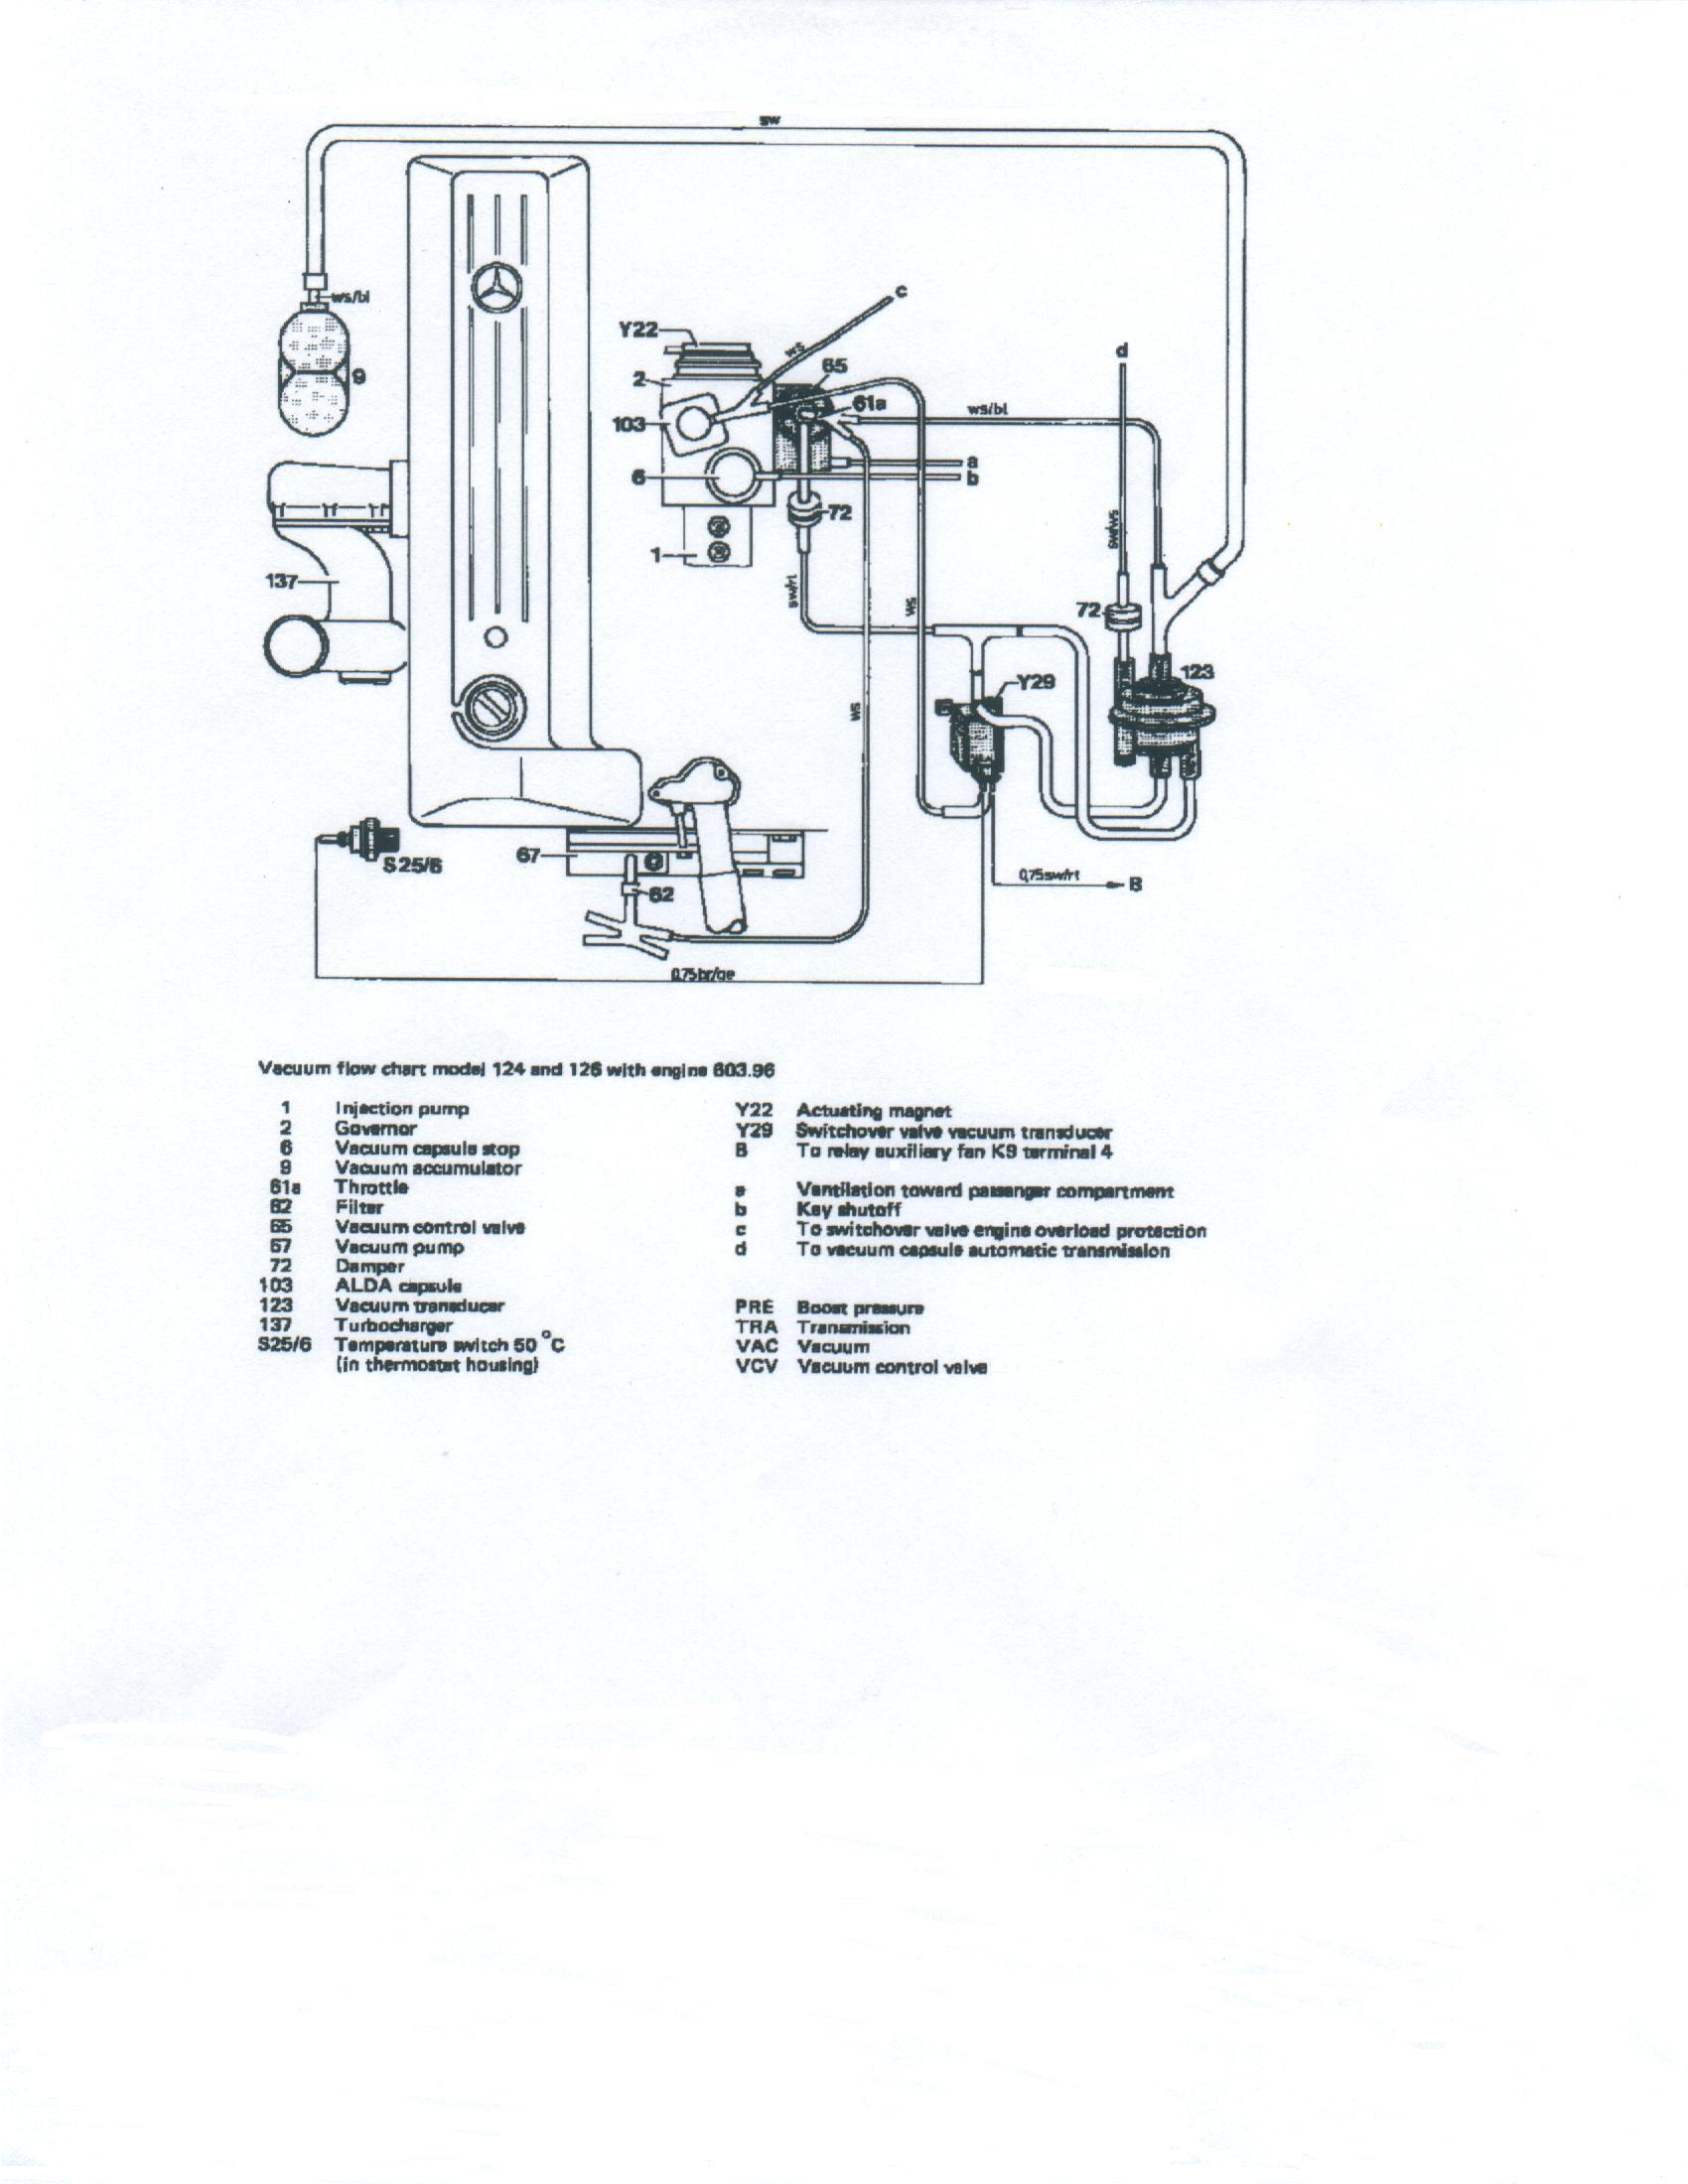 1996 mercedes e320 vacuum diagram